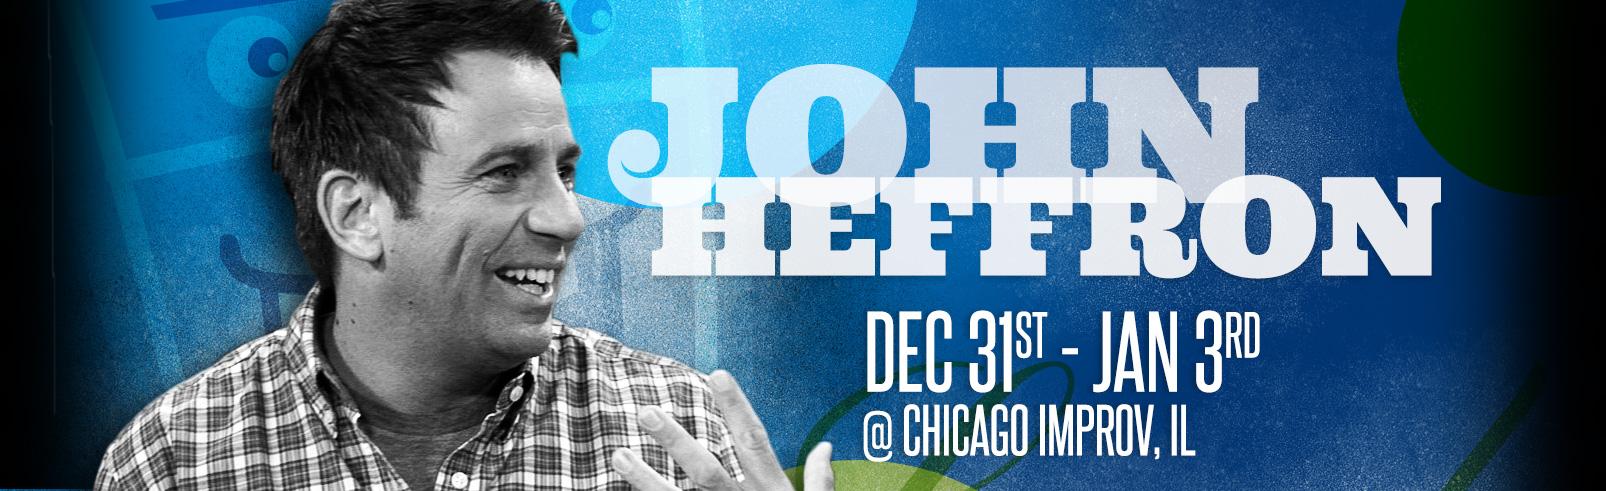 John Heffron @ Chicago Improv